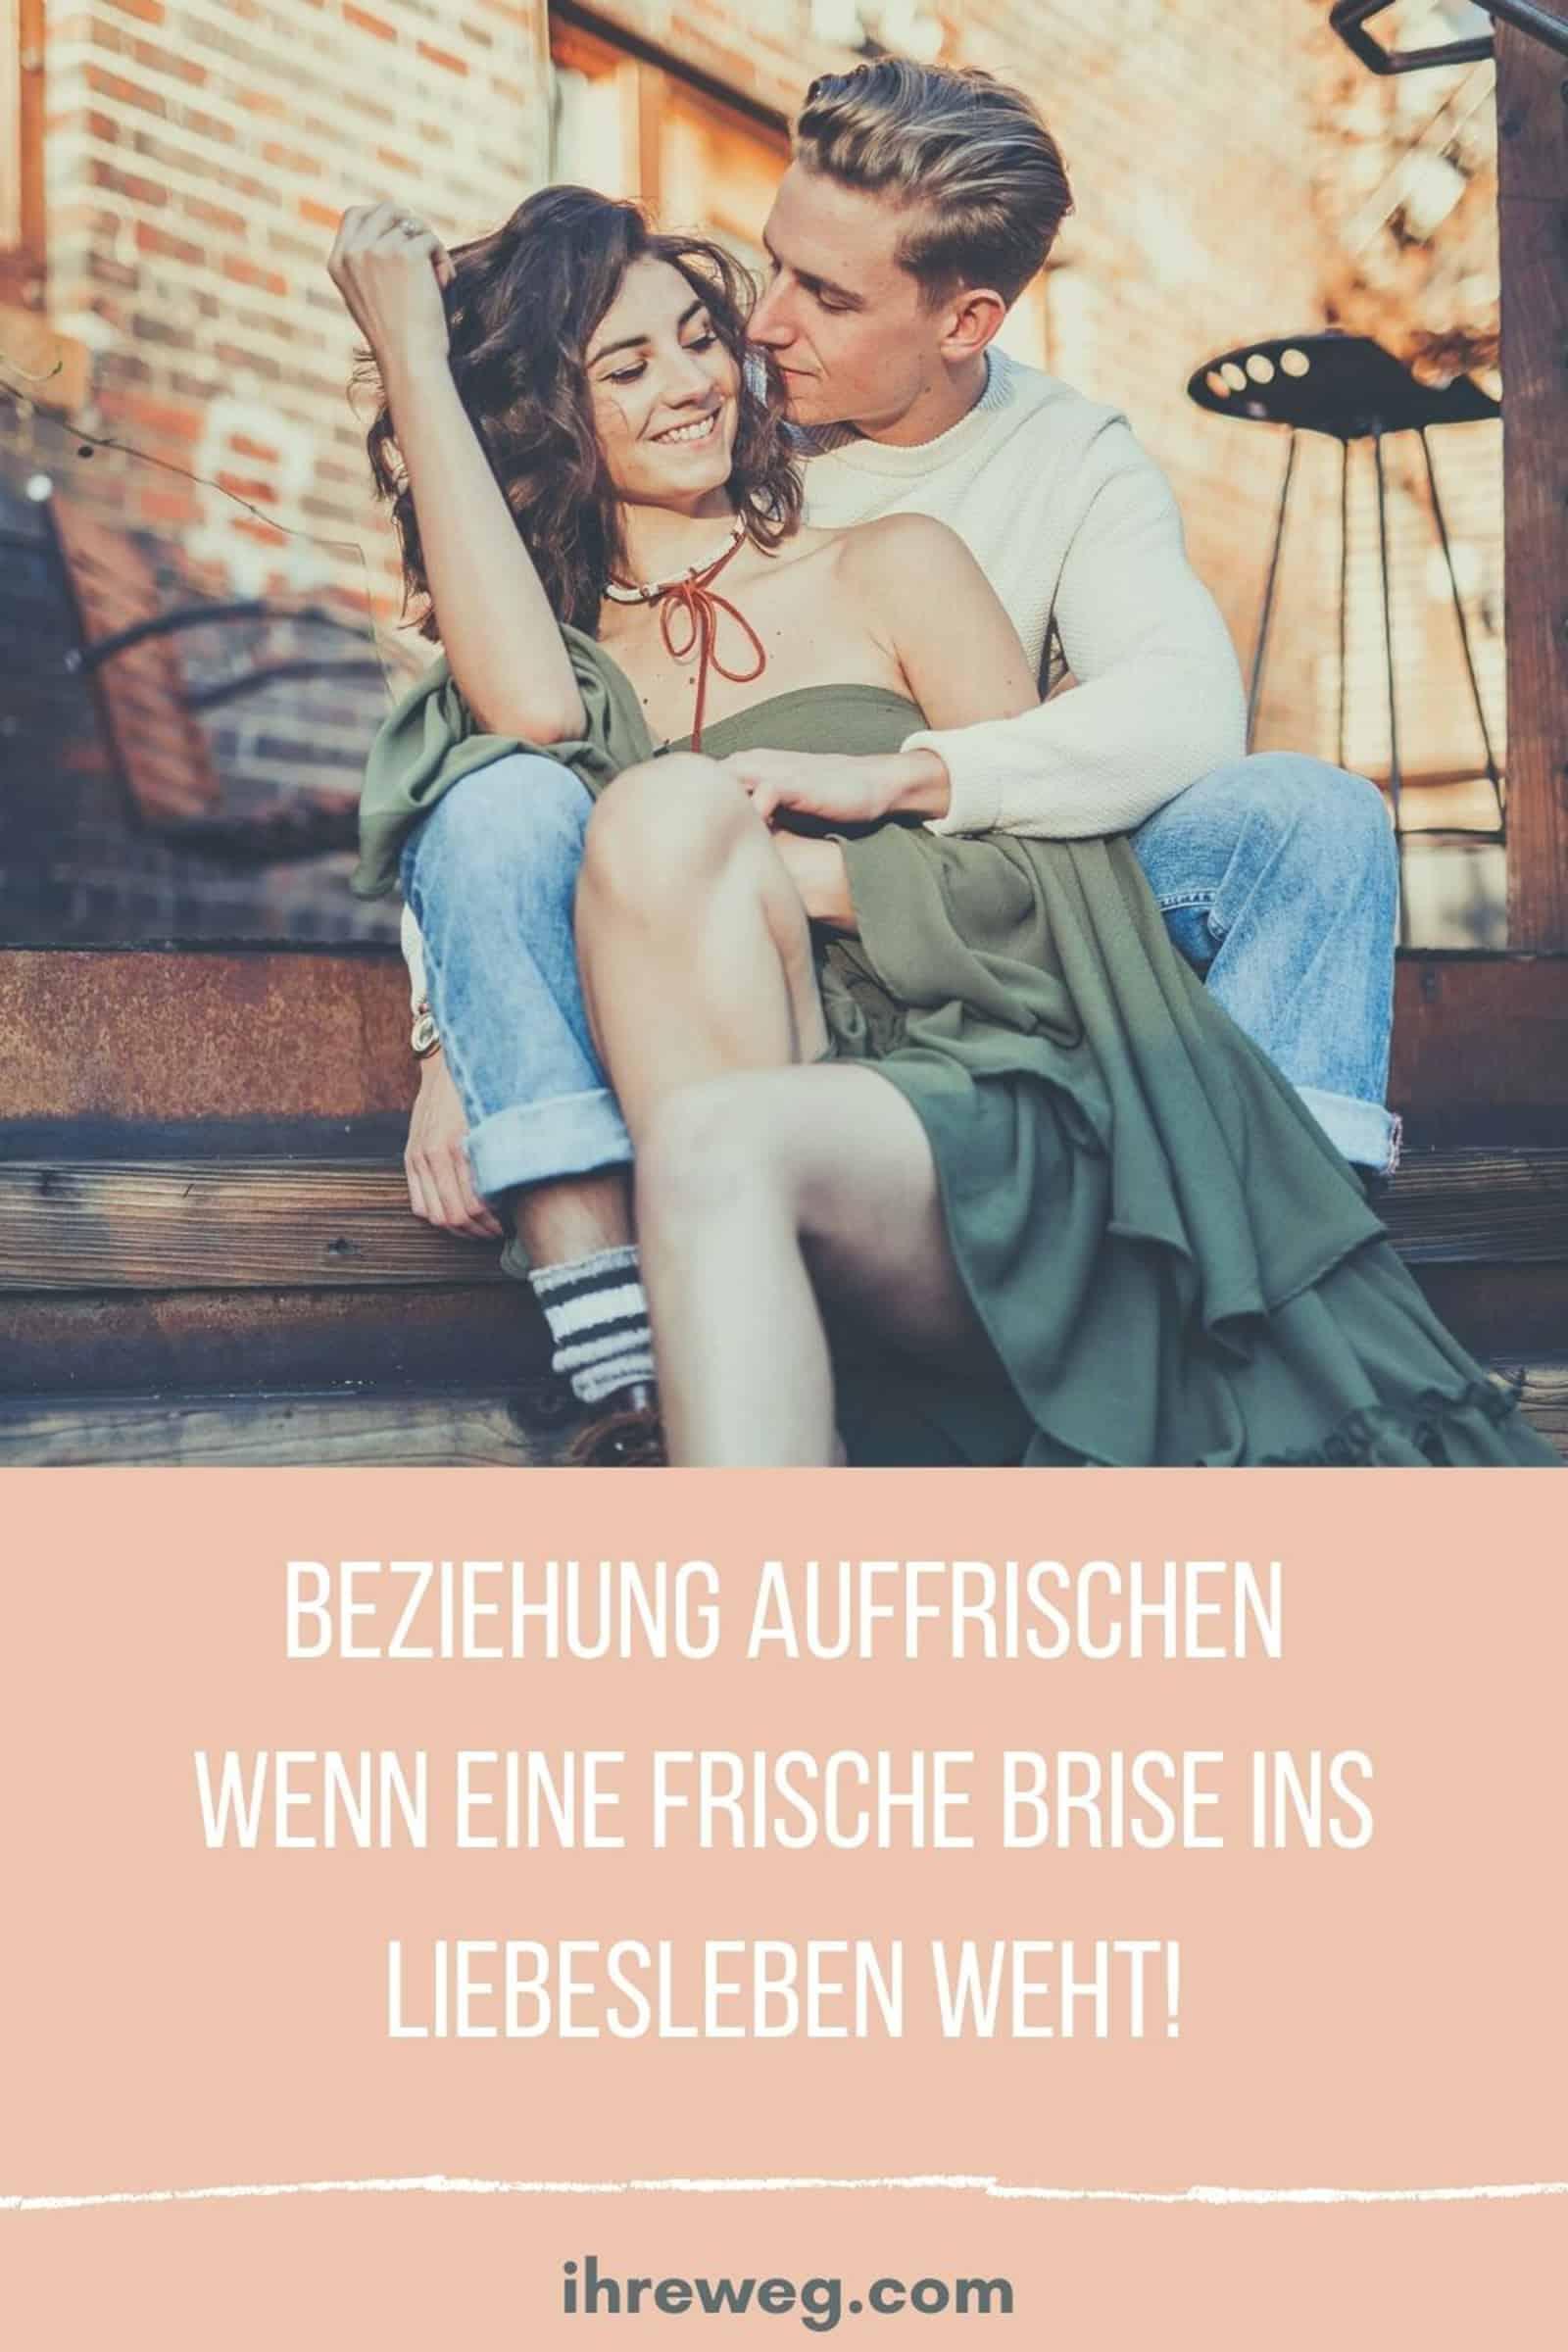 Beziehung Auffrischen Wenn Eine Frische Brise Ins Liebesleben Weht!